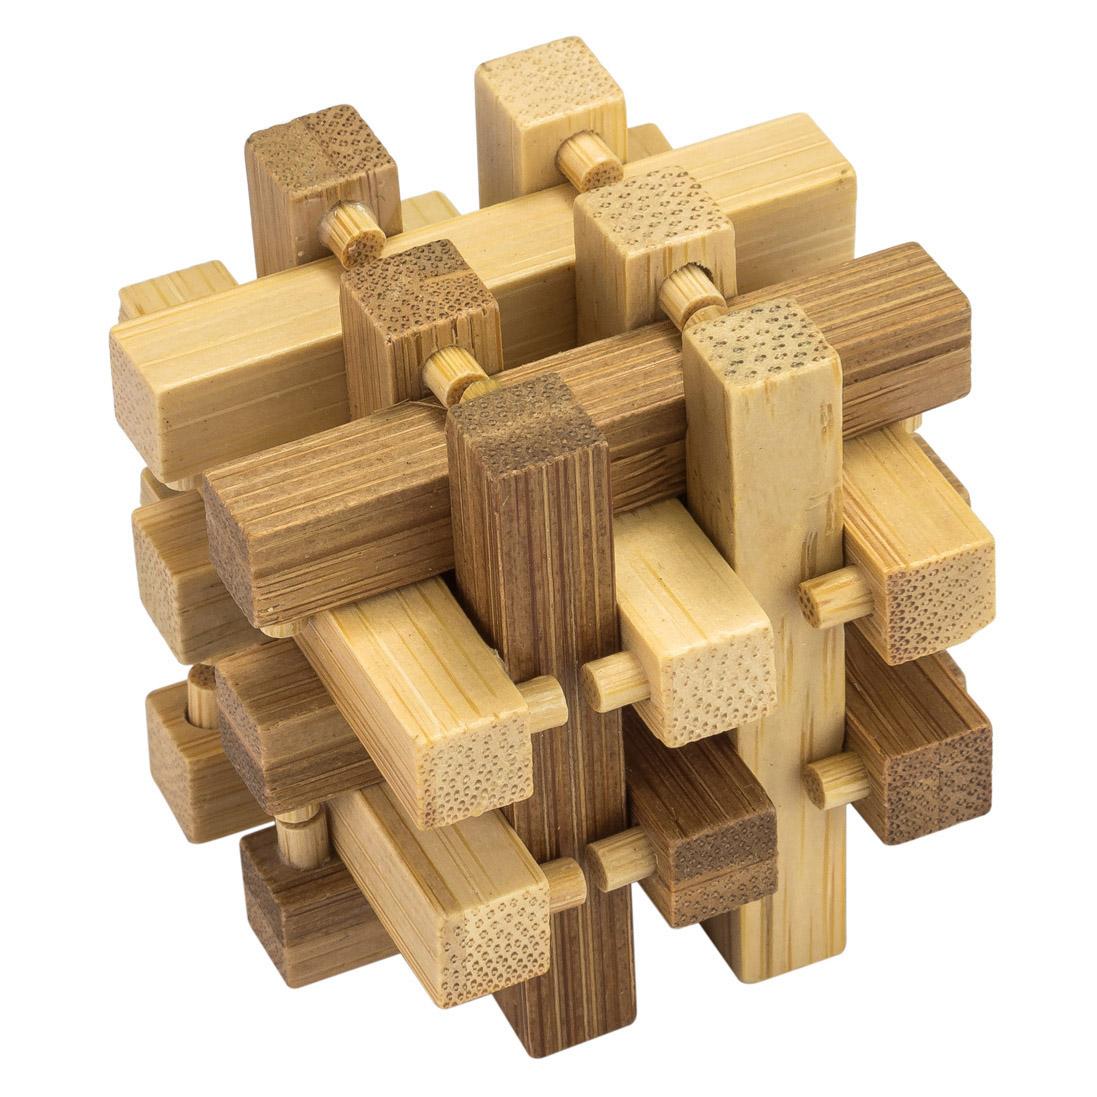 1298 - Mini Bamboozlers - Logs - Open